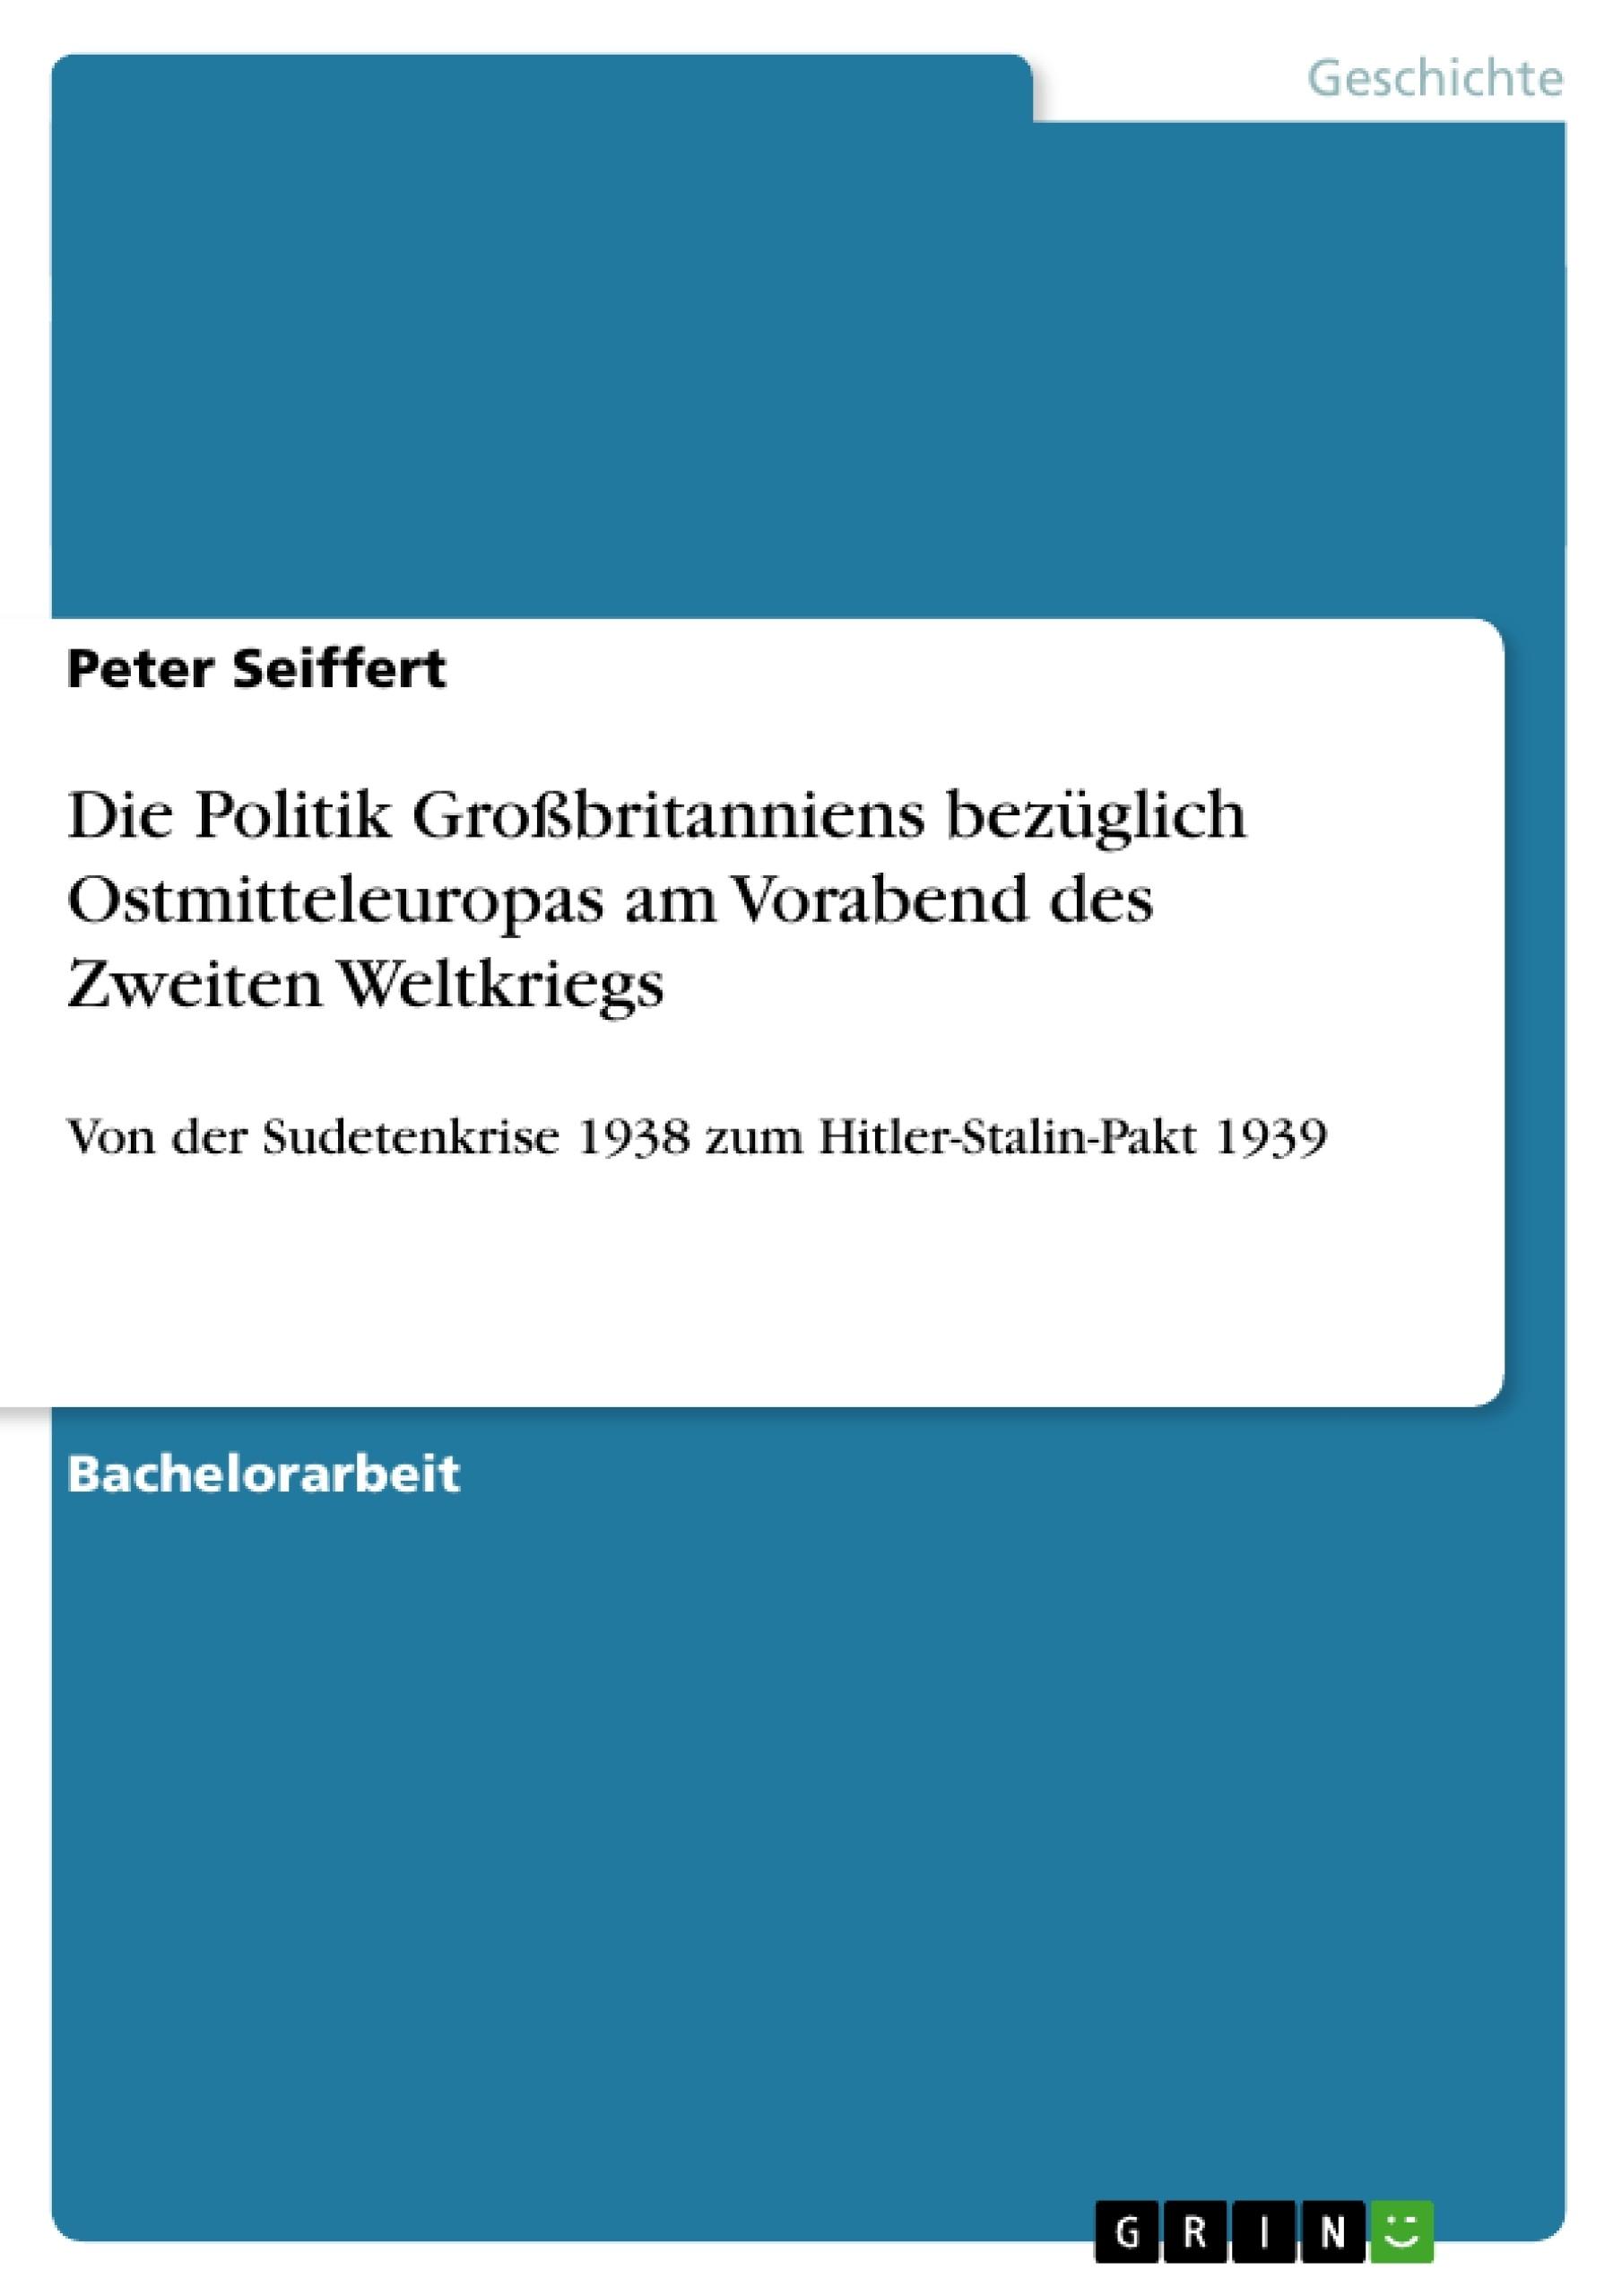 Titel: Die Politik Großbritanniens bezüglich Ostmitteleuropas am Vorabend des Zweiten Weltkriegs